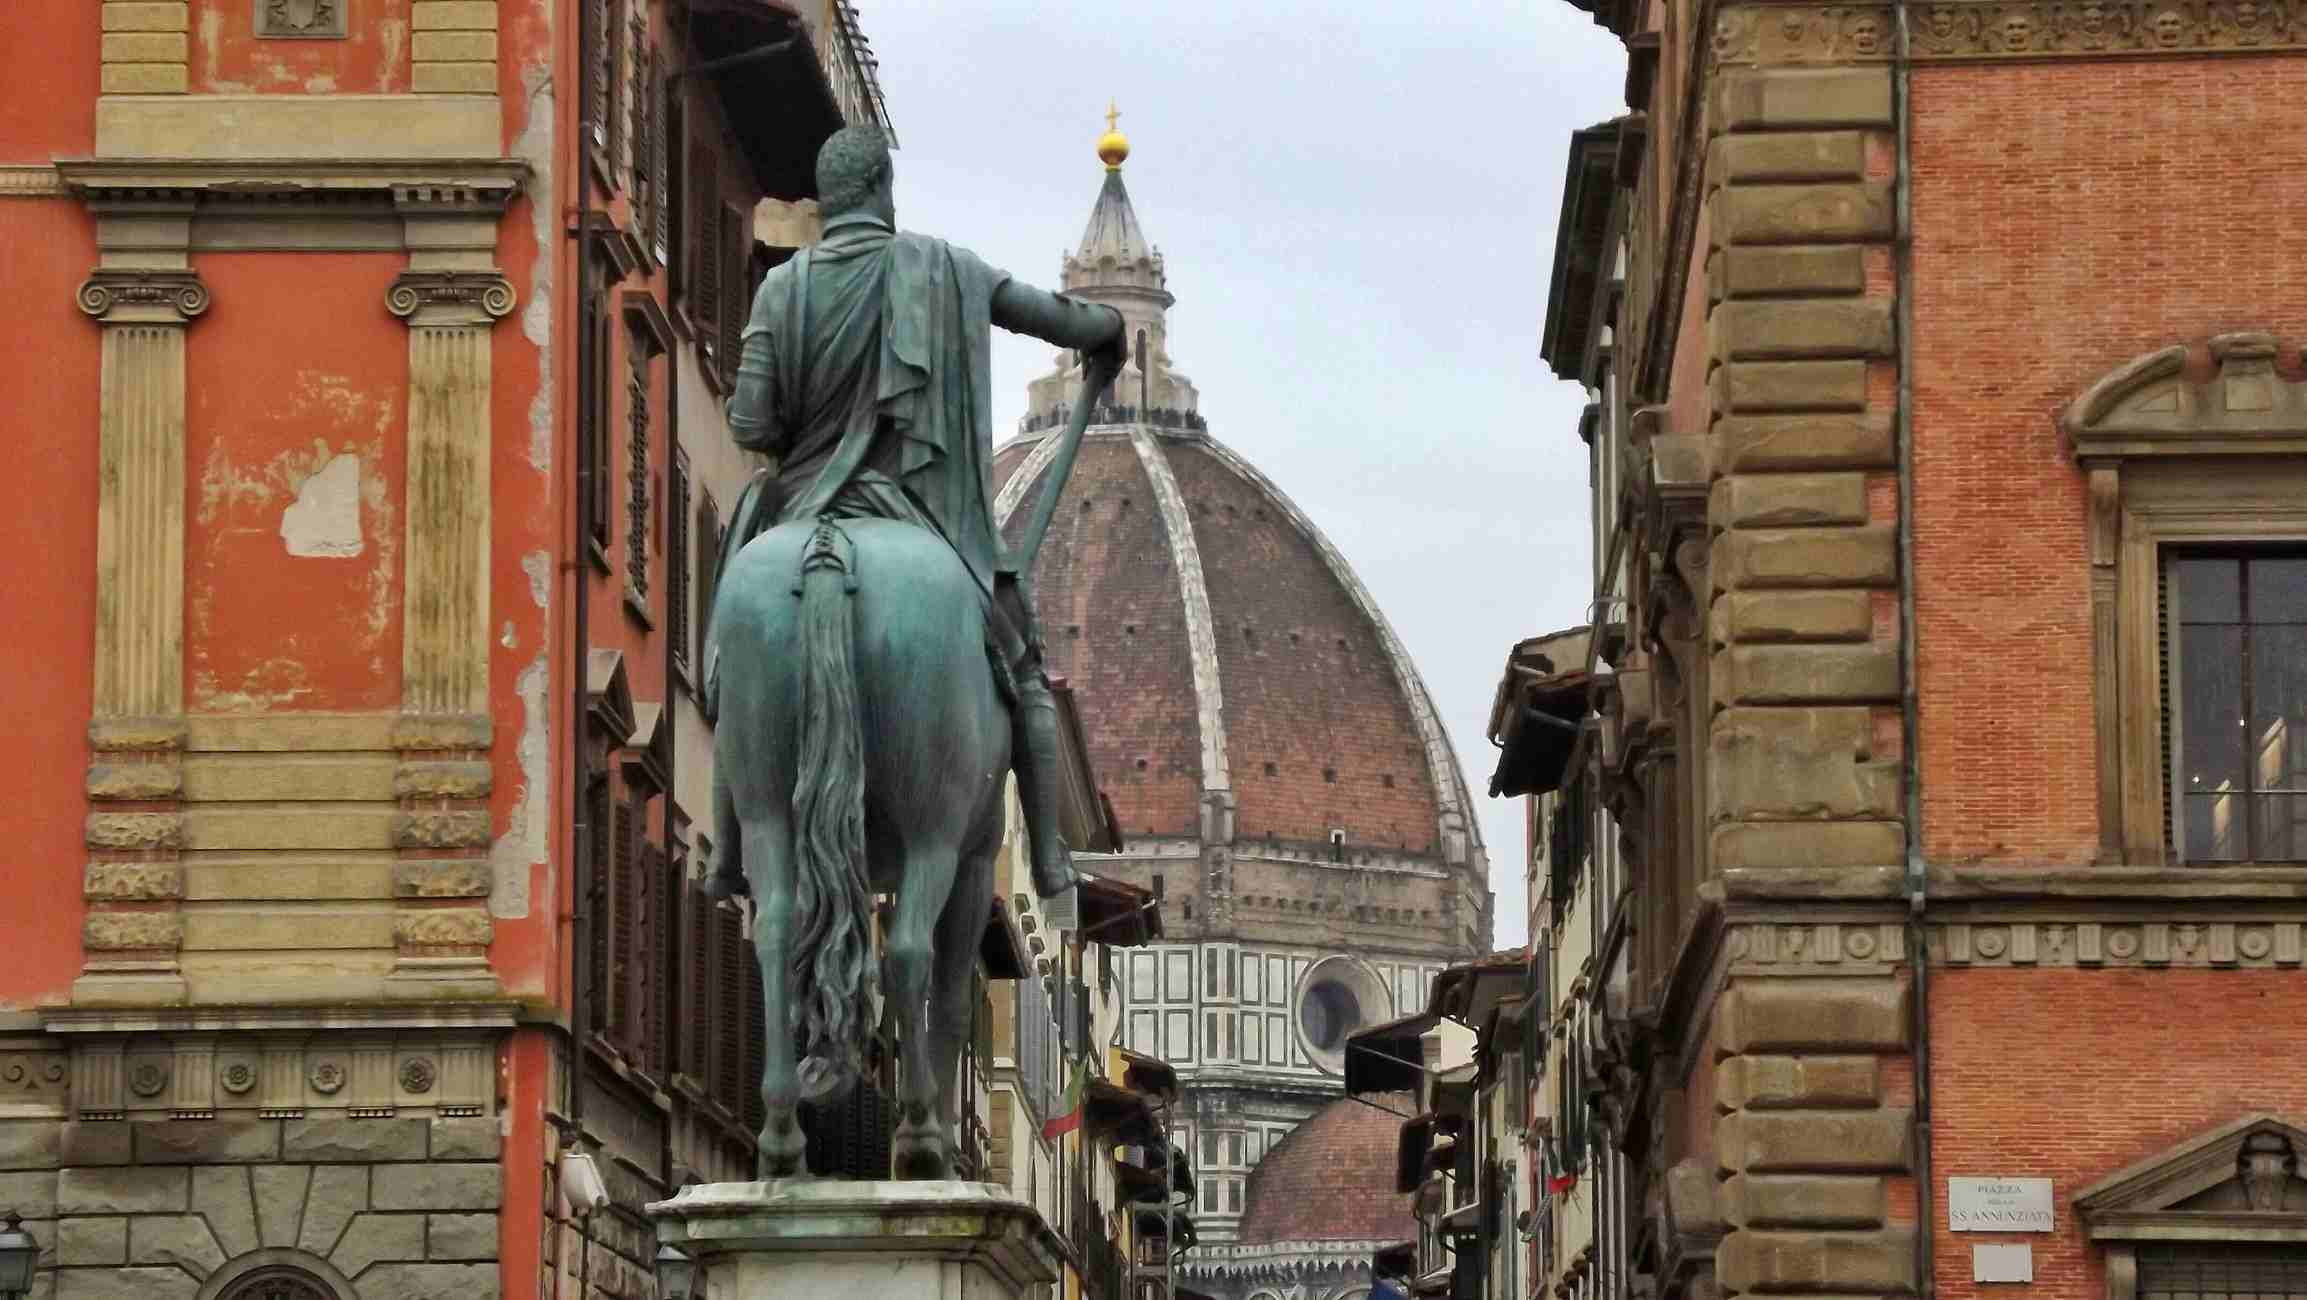 Statue In Santissima Annunziata, Florence Italy